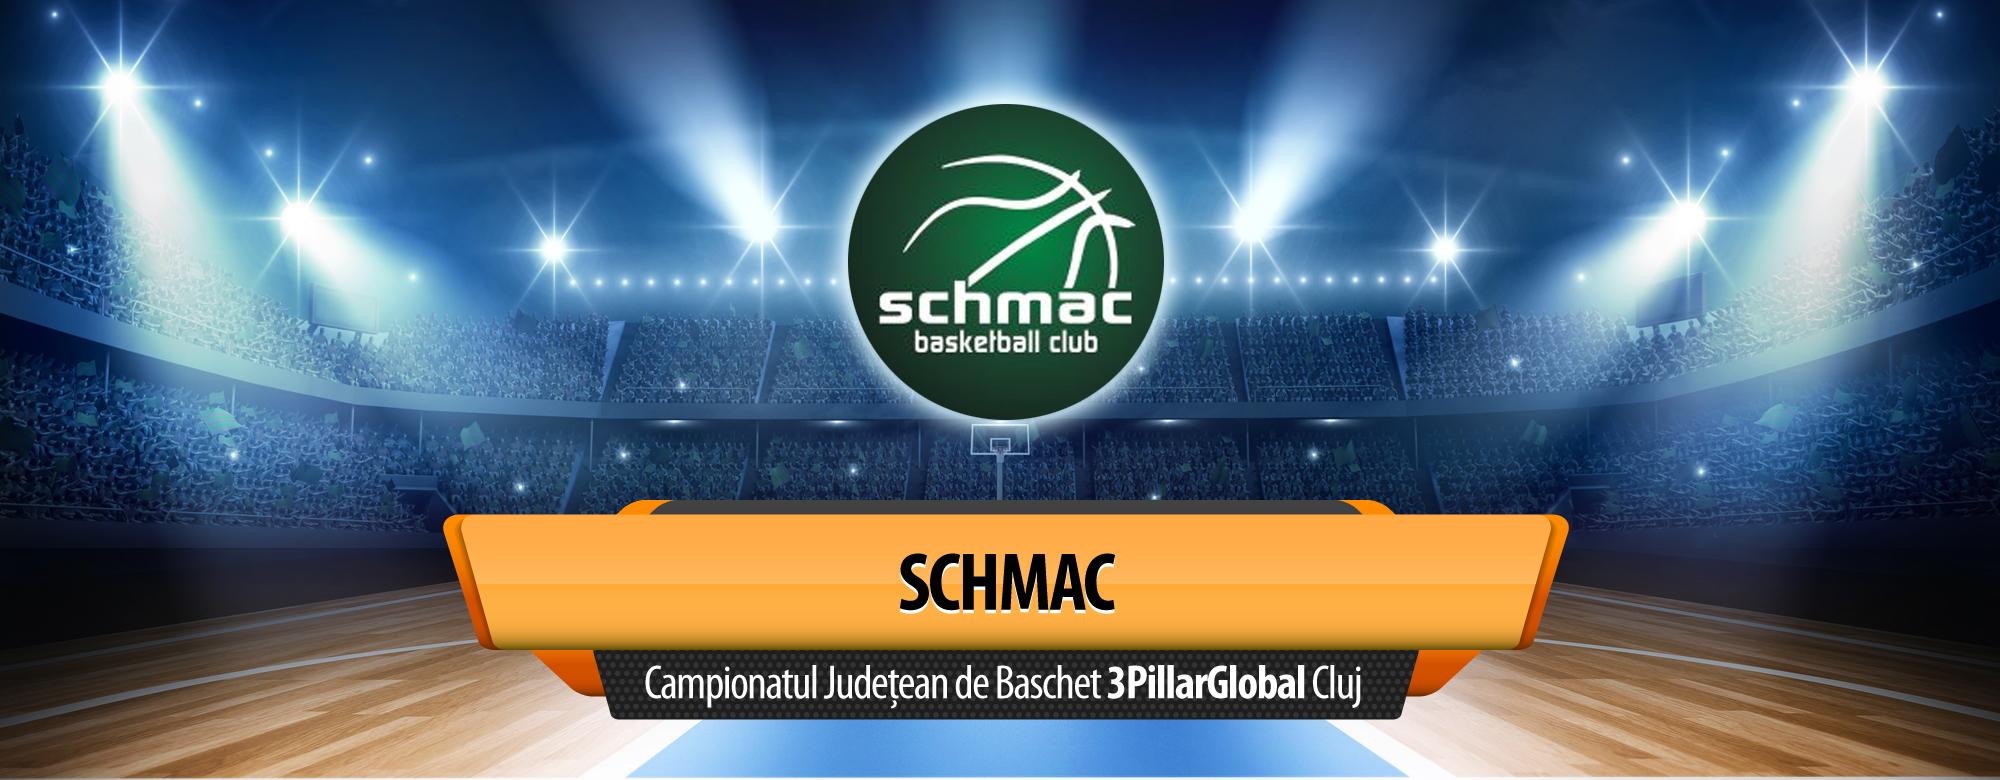 Header-Schmac